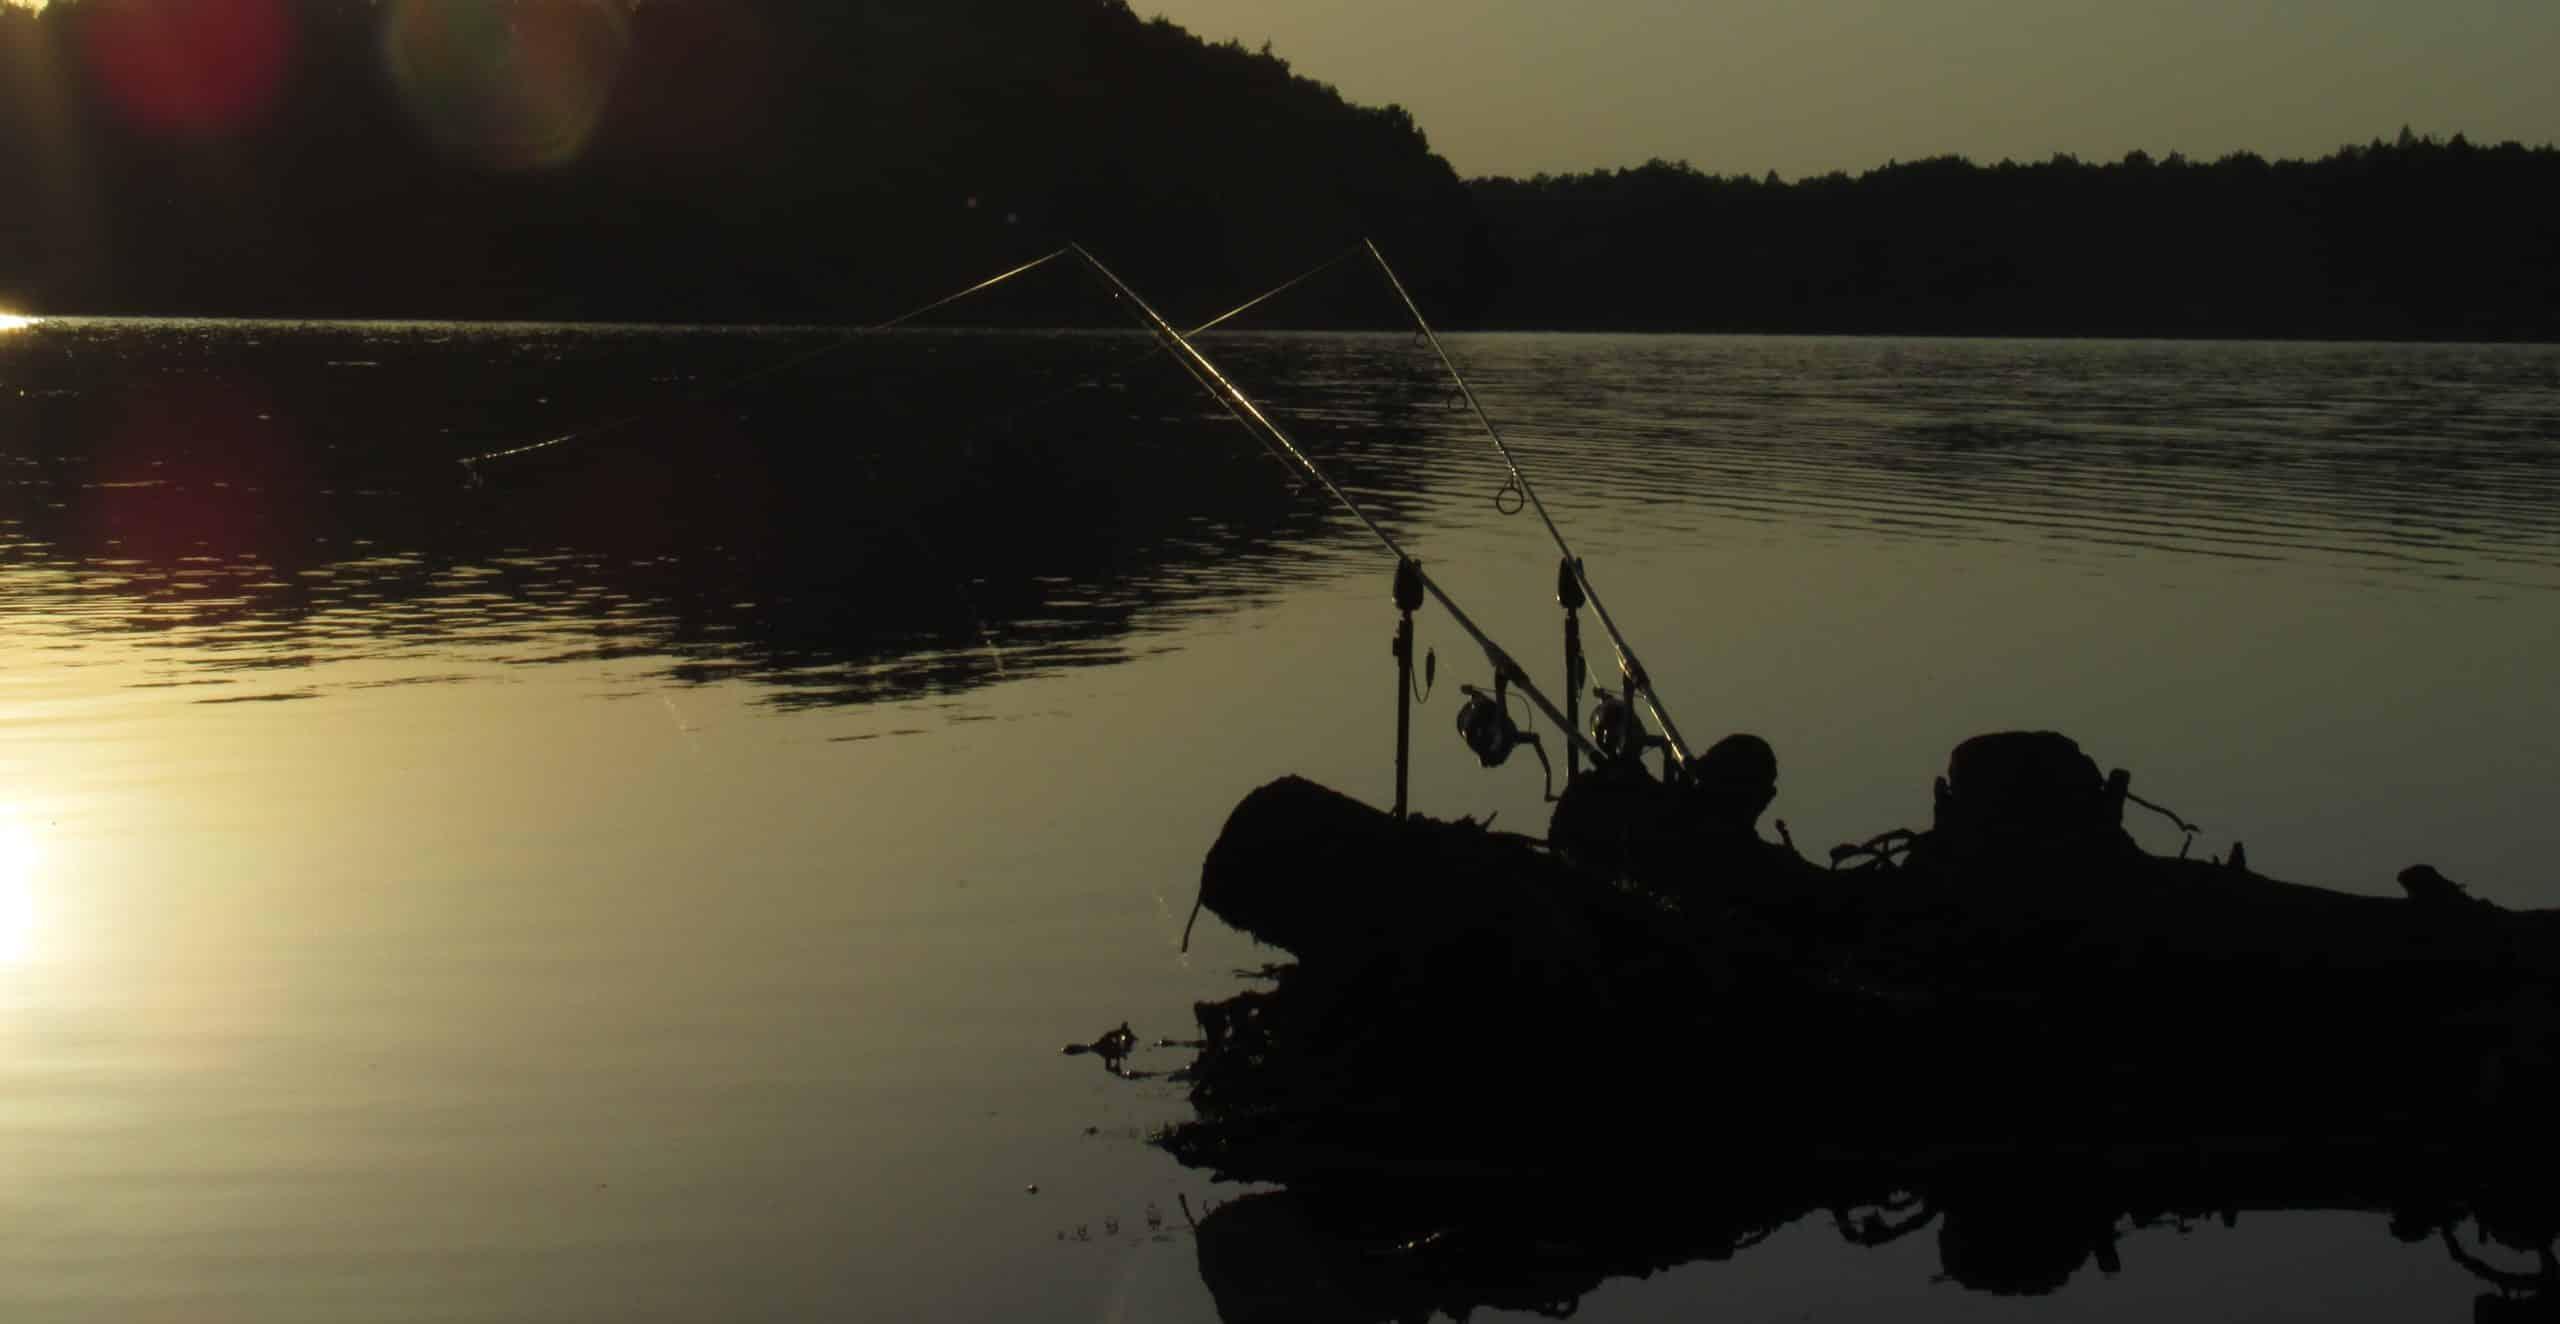 Rybář kritizuje: Více jak 55 miliónů korun! Kde končí peníze za nesplněné brigády rybářů?